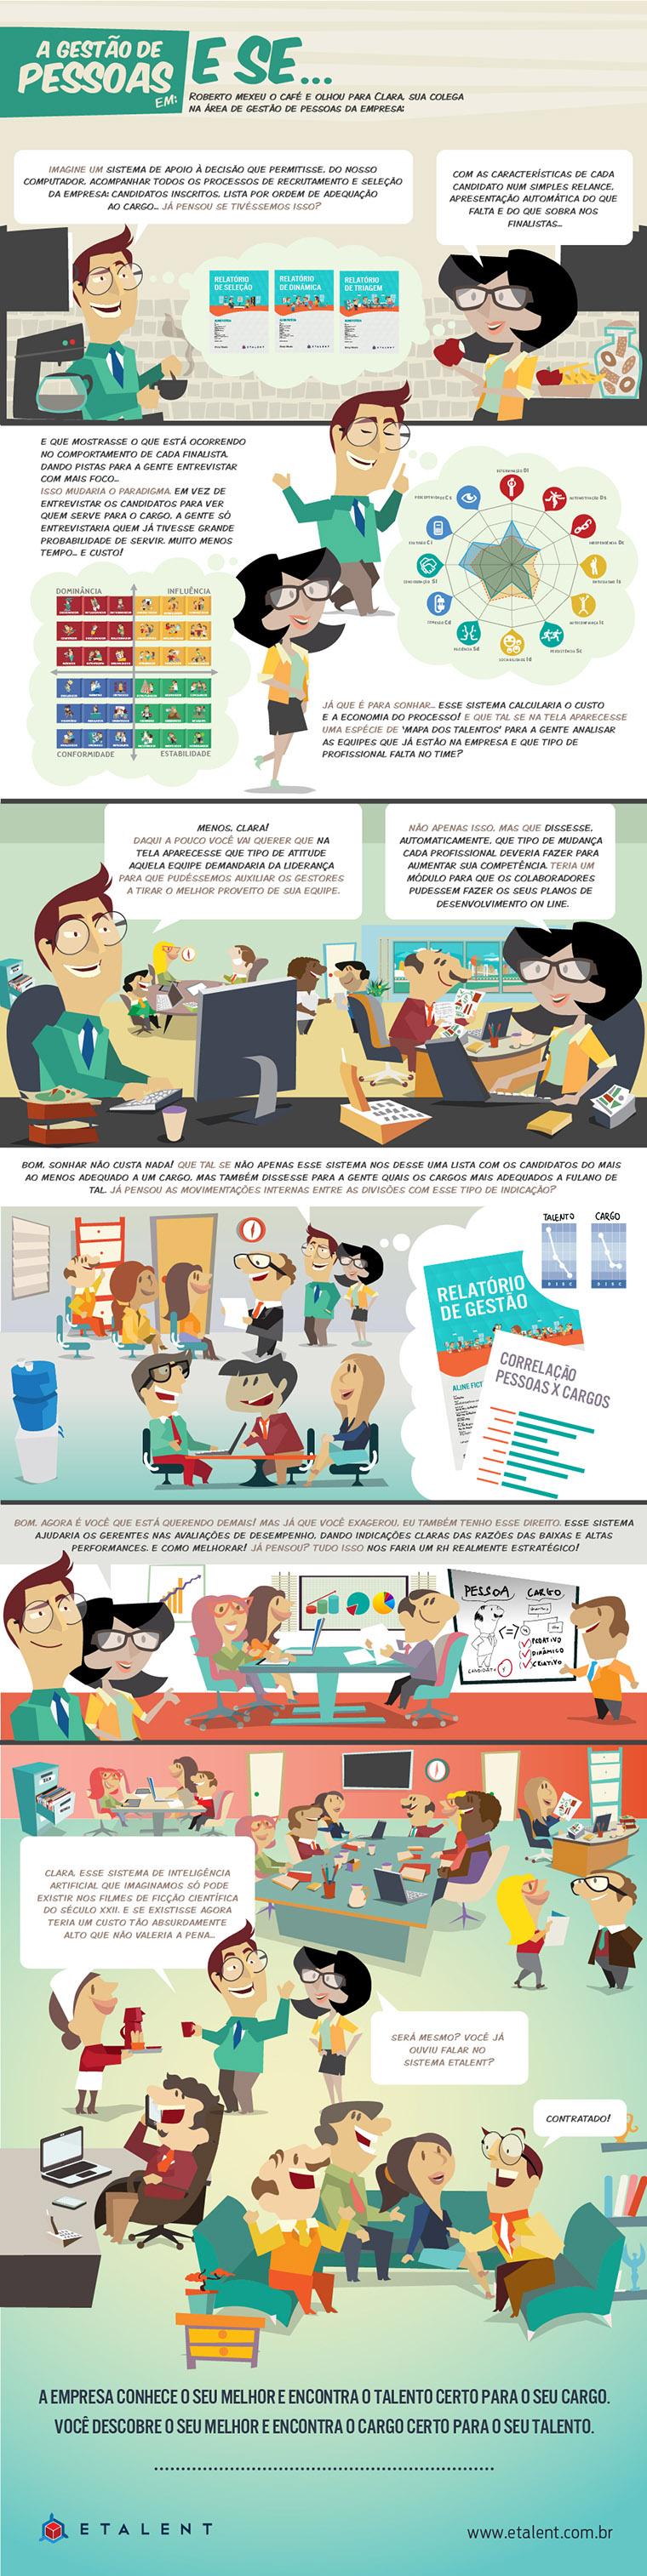 Infográfico sobre Gestão de Pessoas